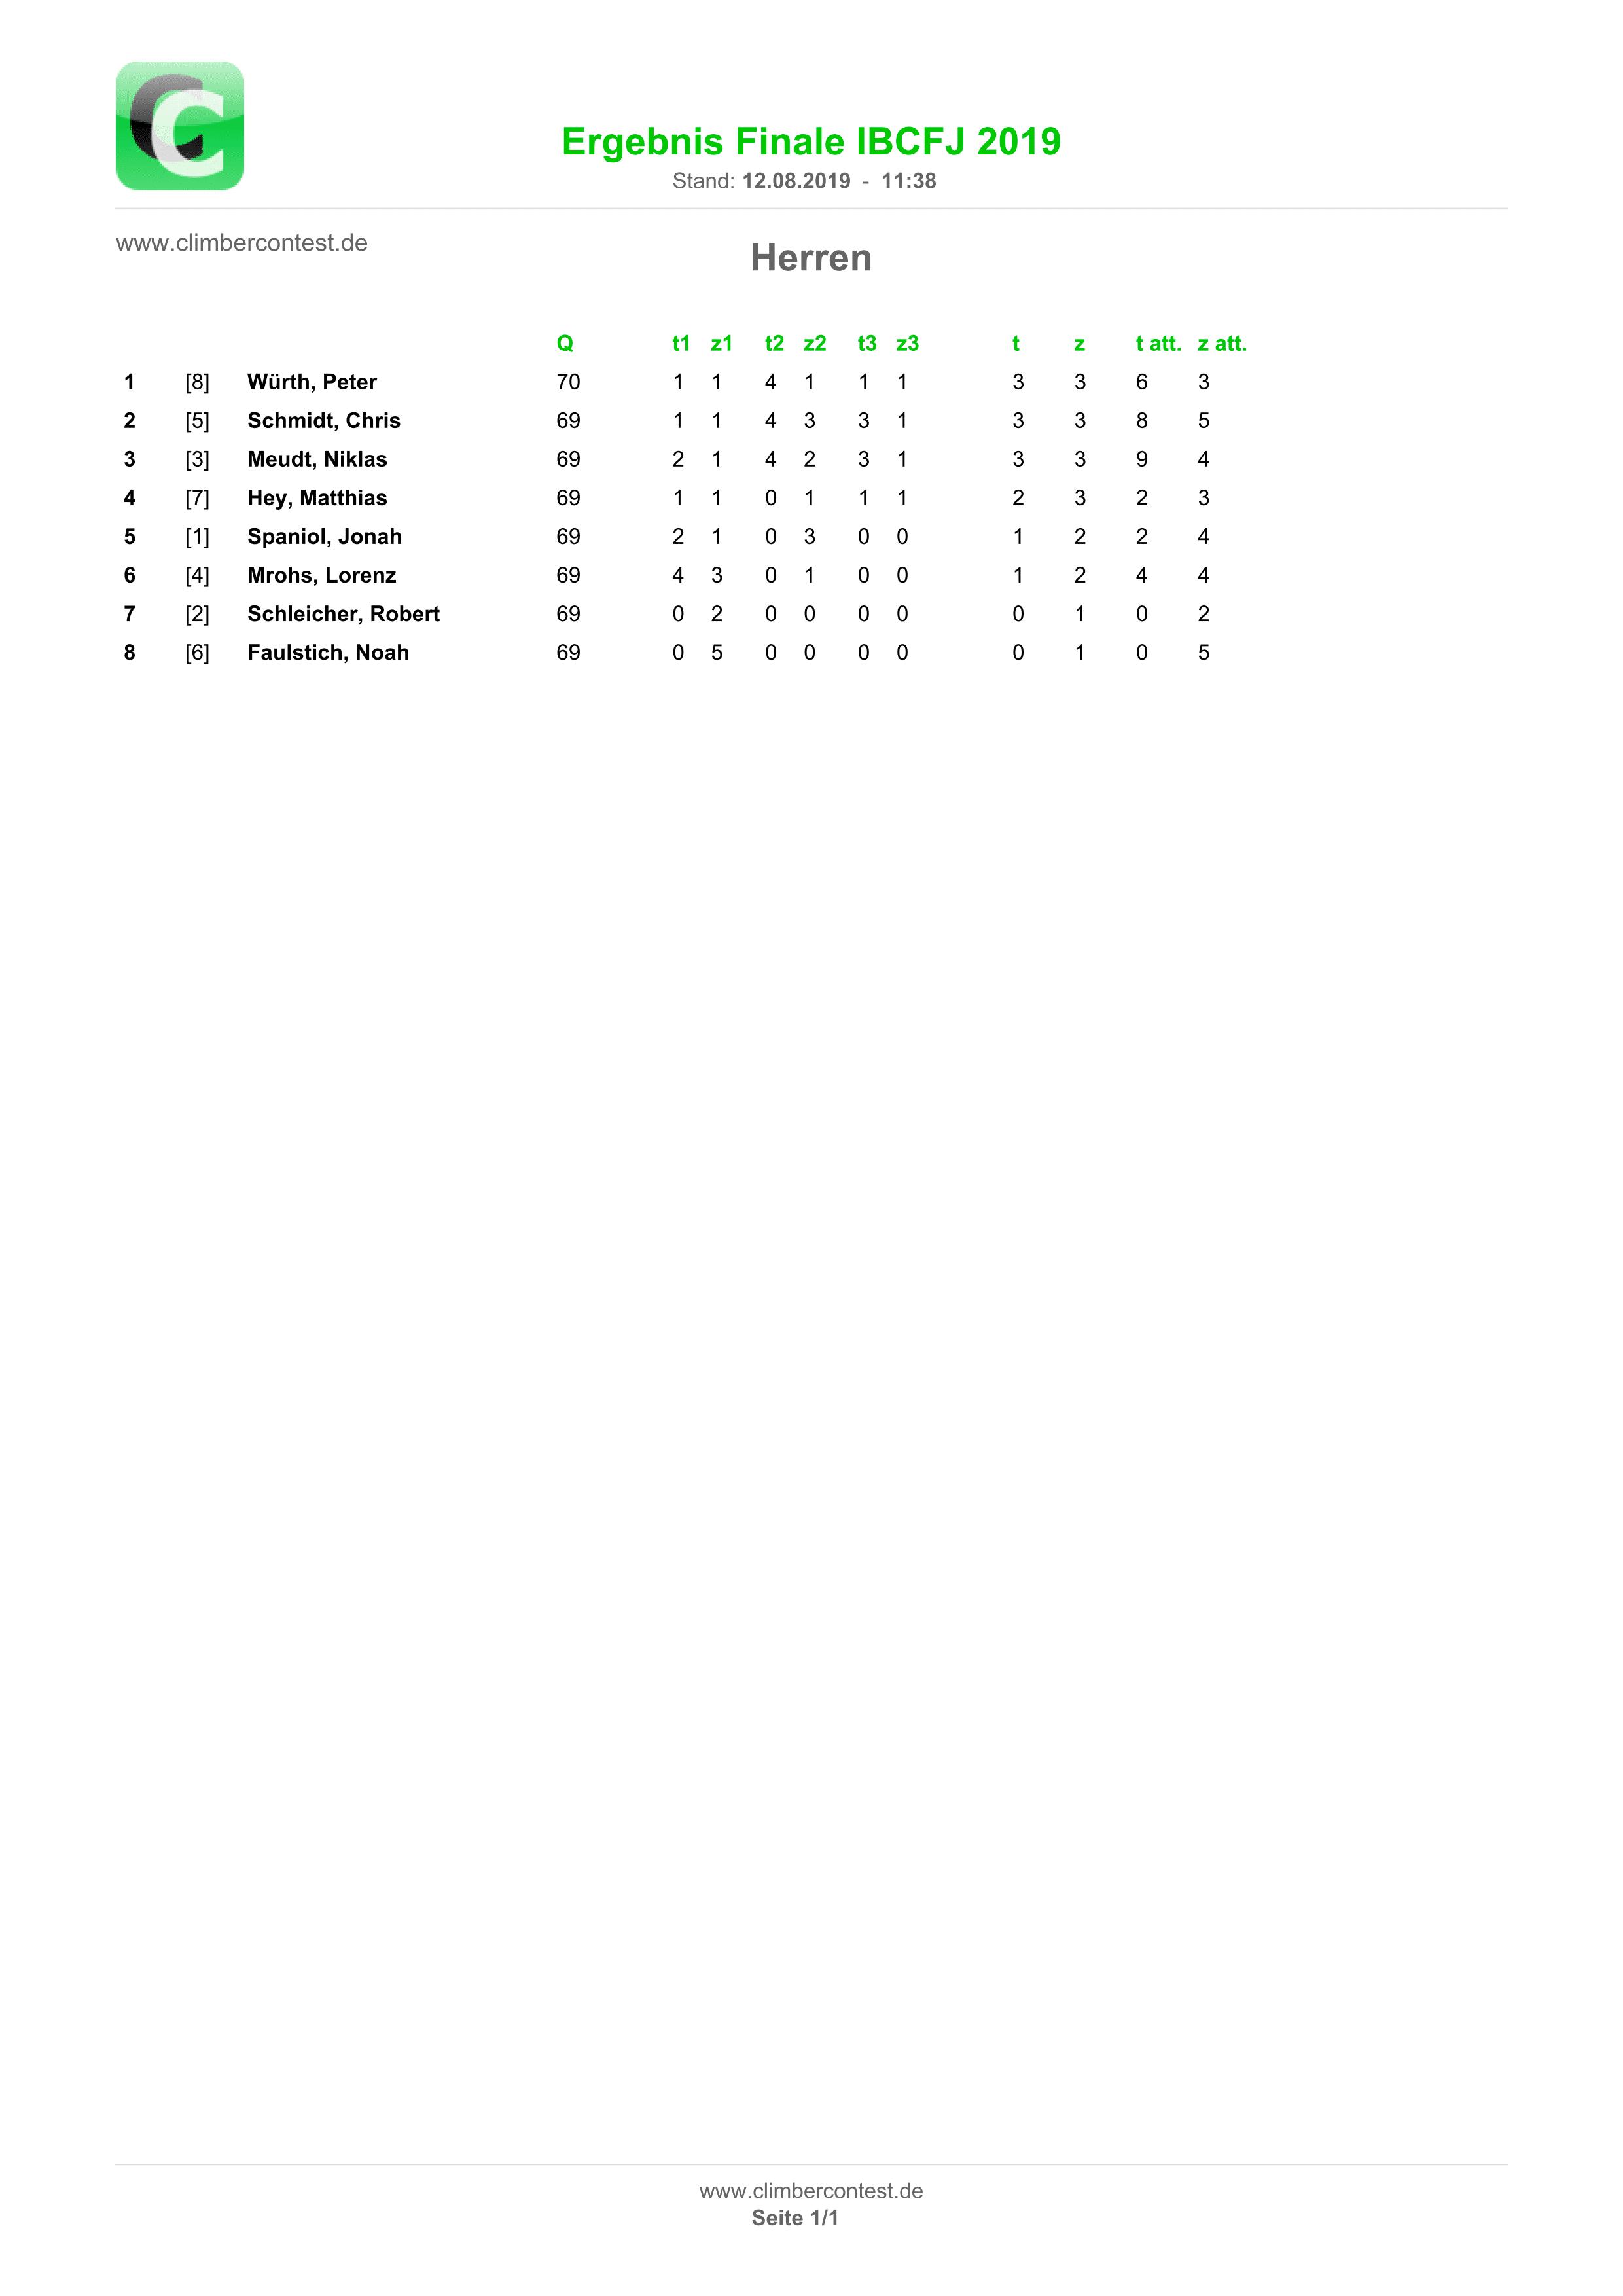 Ergebnisliste Finale Herren